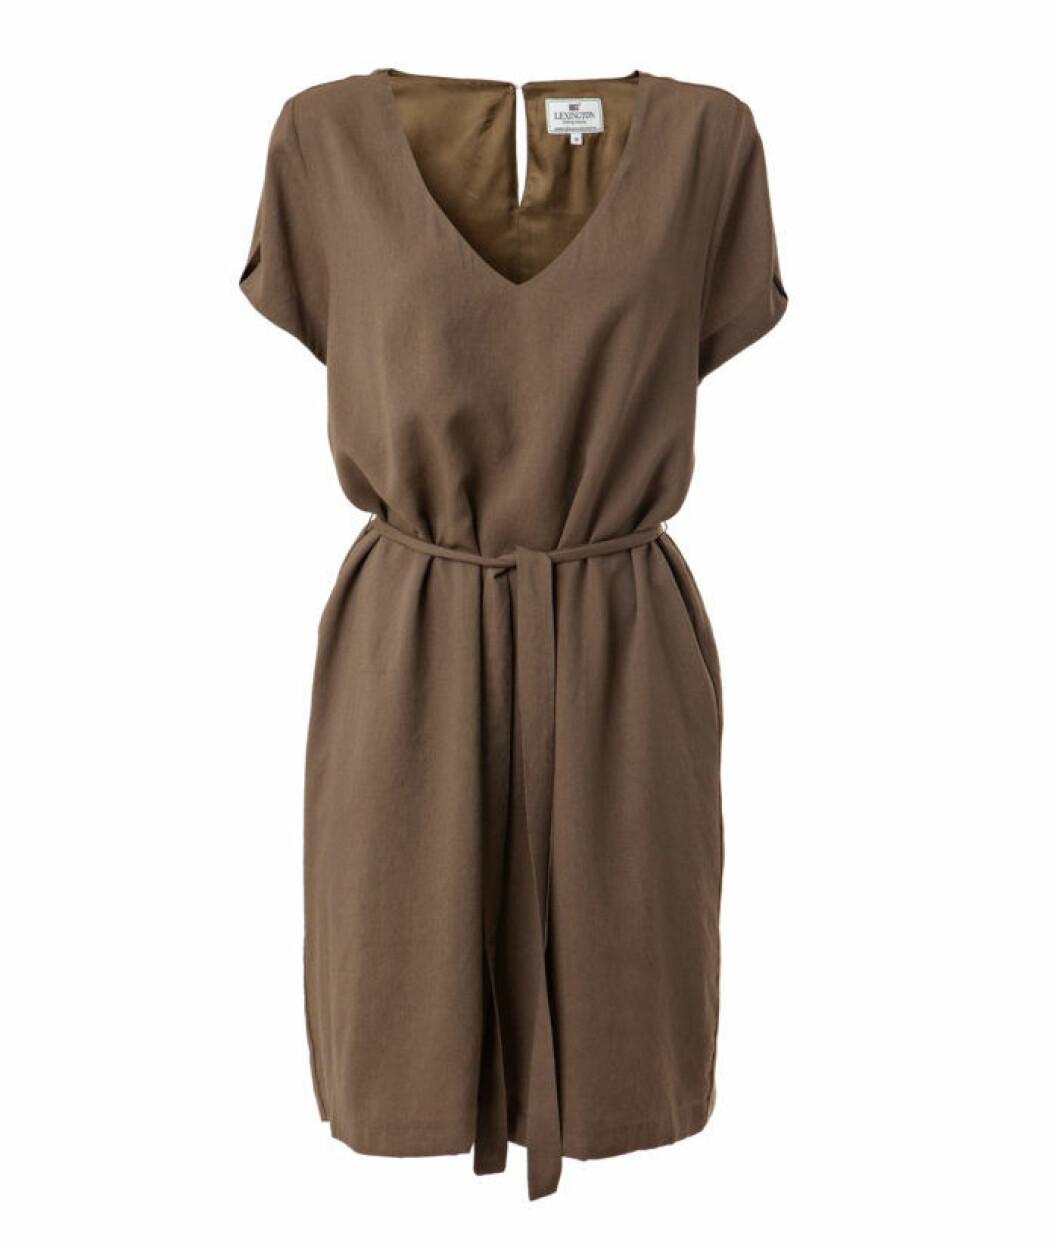 KRISTINA SOLID DRESS GREEN